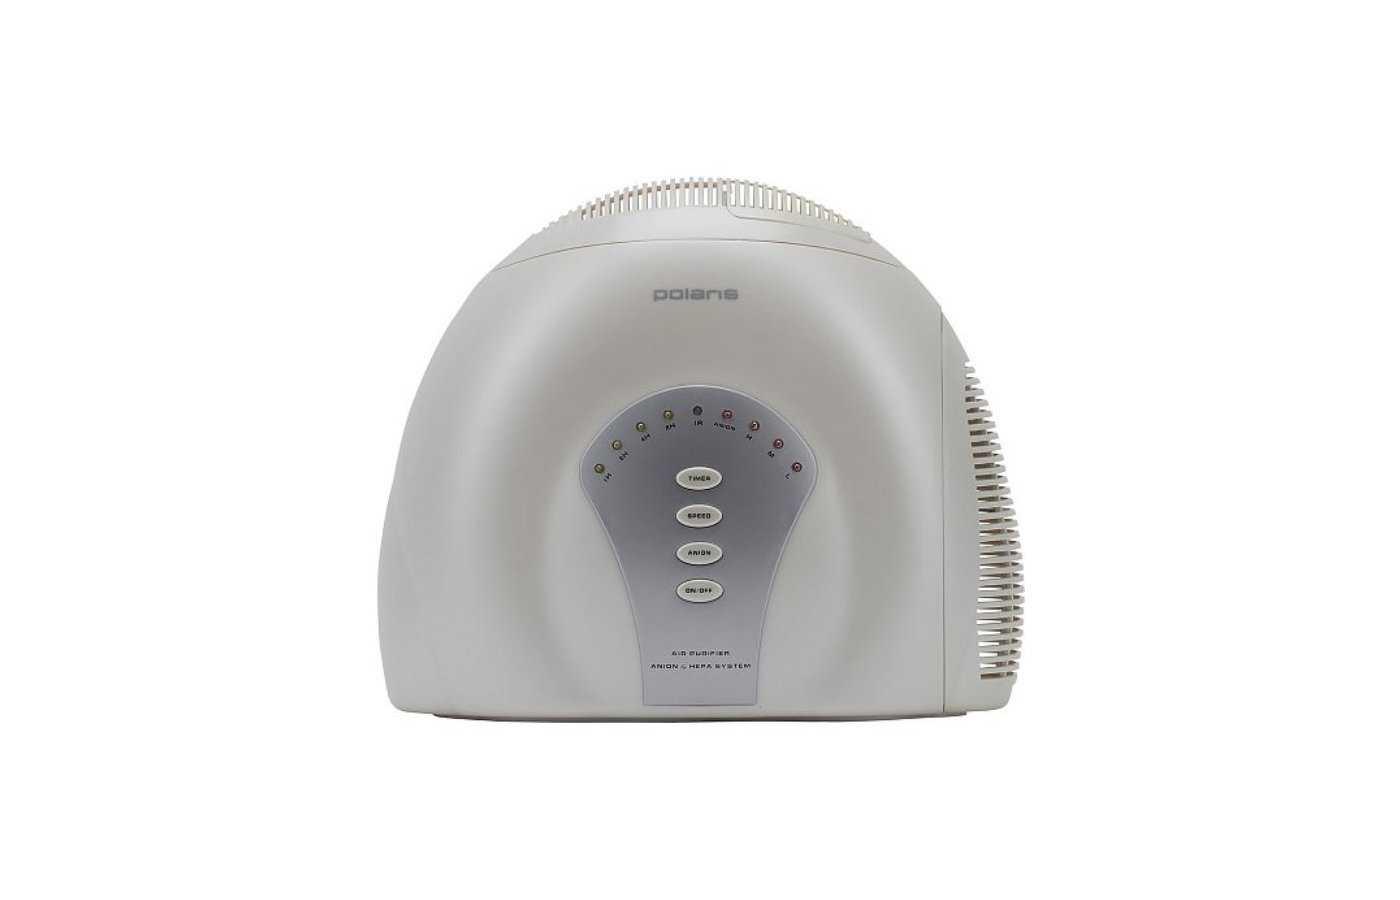 Увлажнитель-очиститель воздуха: как выбрать для дома, рейтинг популярных моделей и производителей